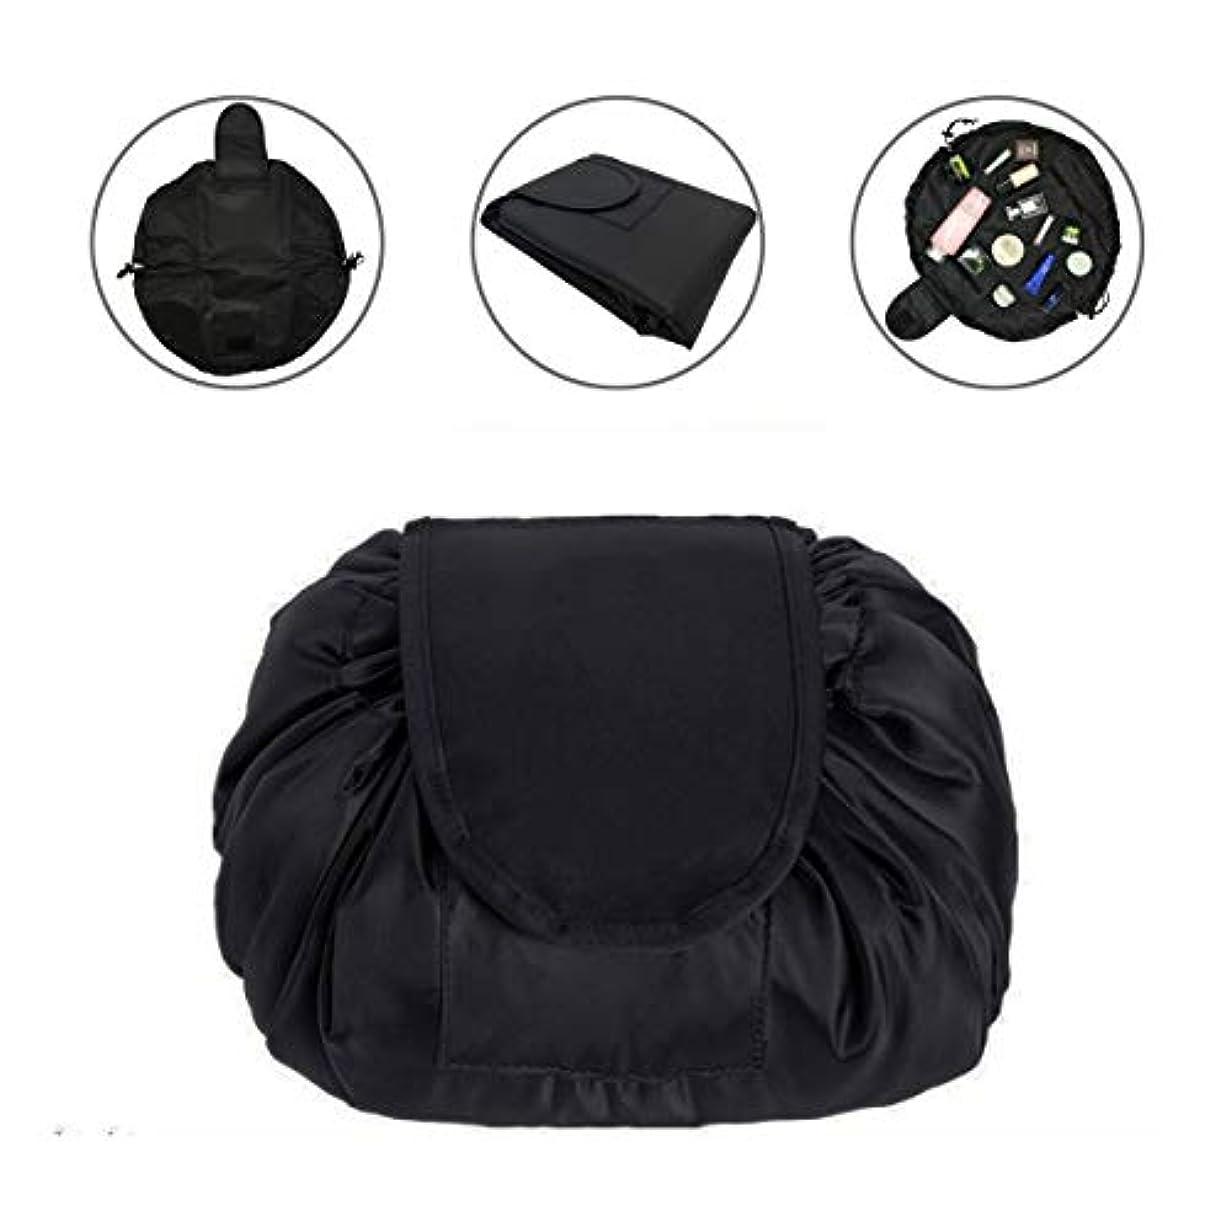 死んでいる動揺させる上回るLAFALA 化粧バッグ 化粧ポーチ メイクバッグ 化粧品収納バッグ 折畳式 巾着型 収納携帯用 便利 防水的 旅行 容量大きい 格好いい おしゃれ 黒色 お勧め